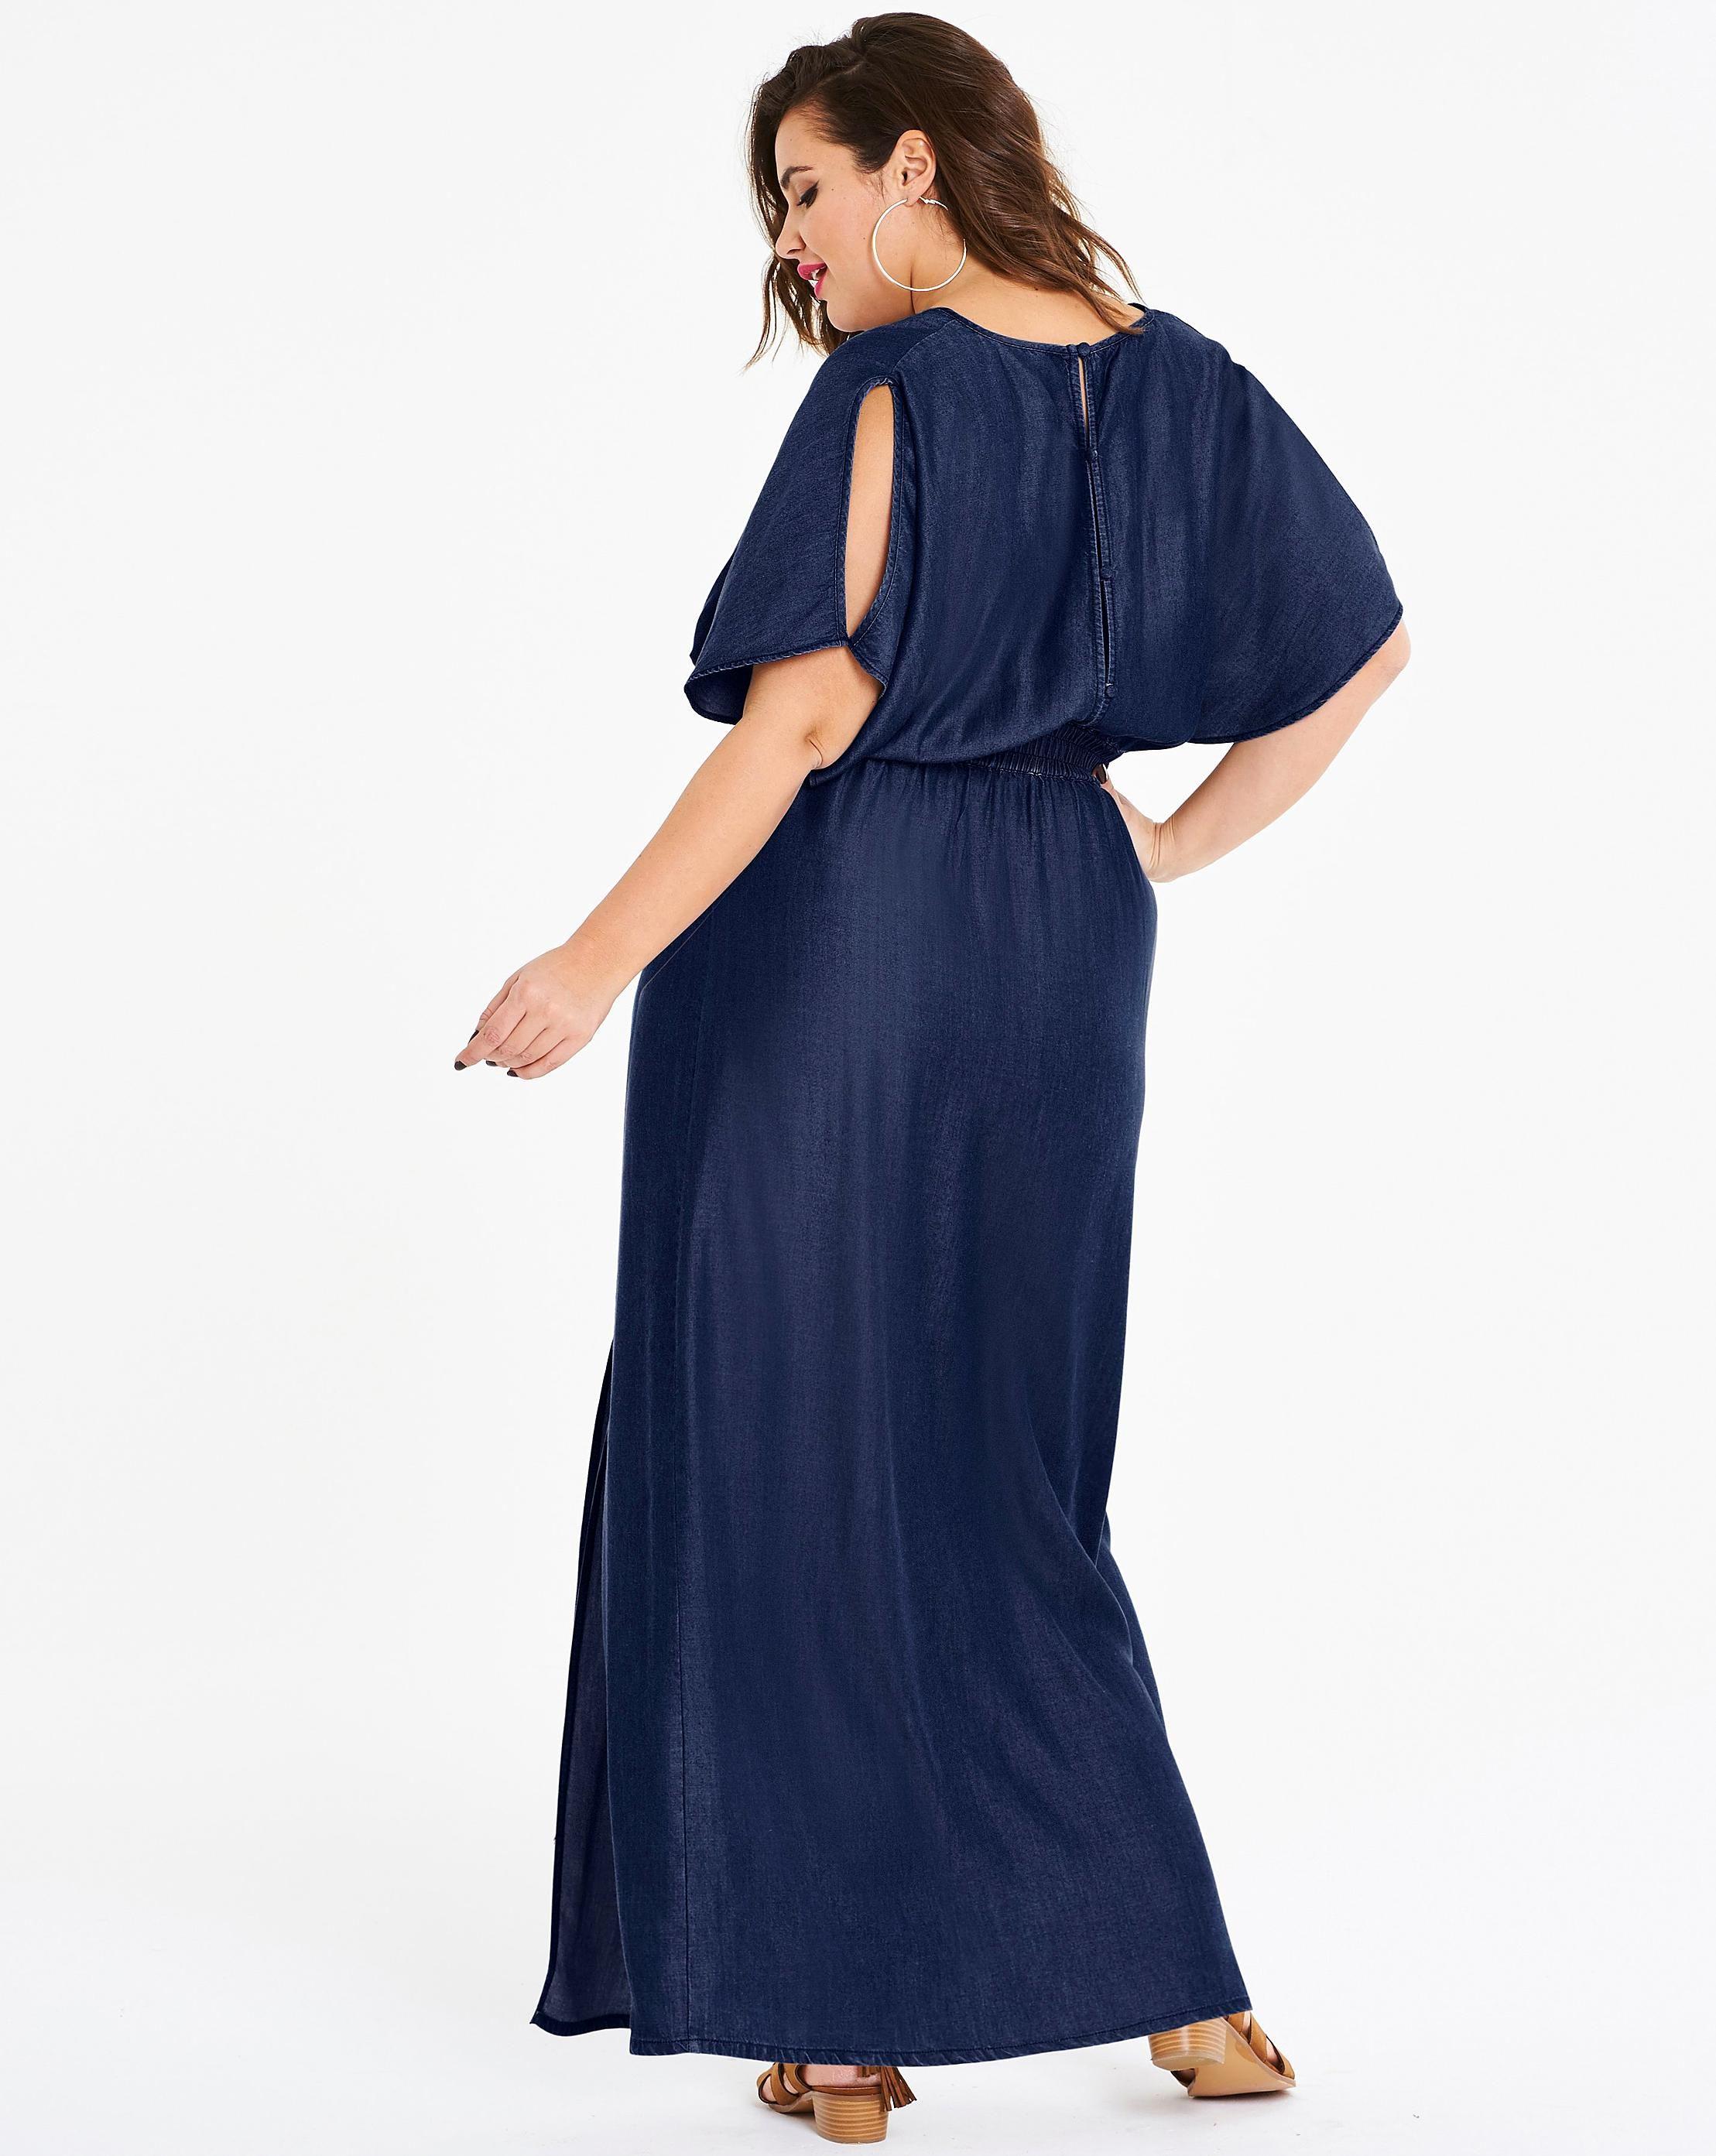 5c3916098edb76 image-2 | Emma Sanders | Shoulder dress, Dresses, Cold shoulder dress